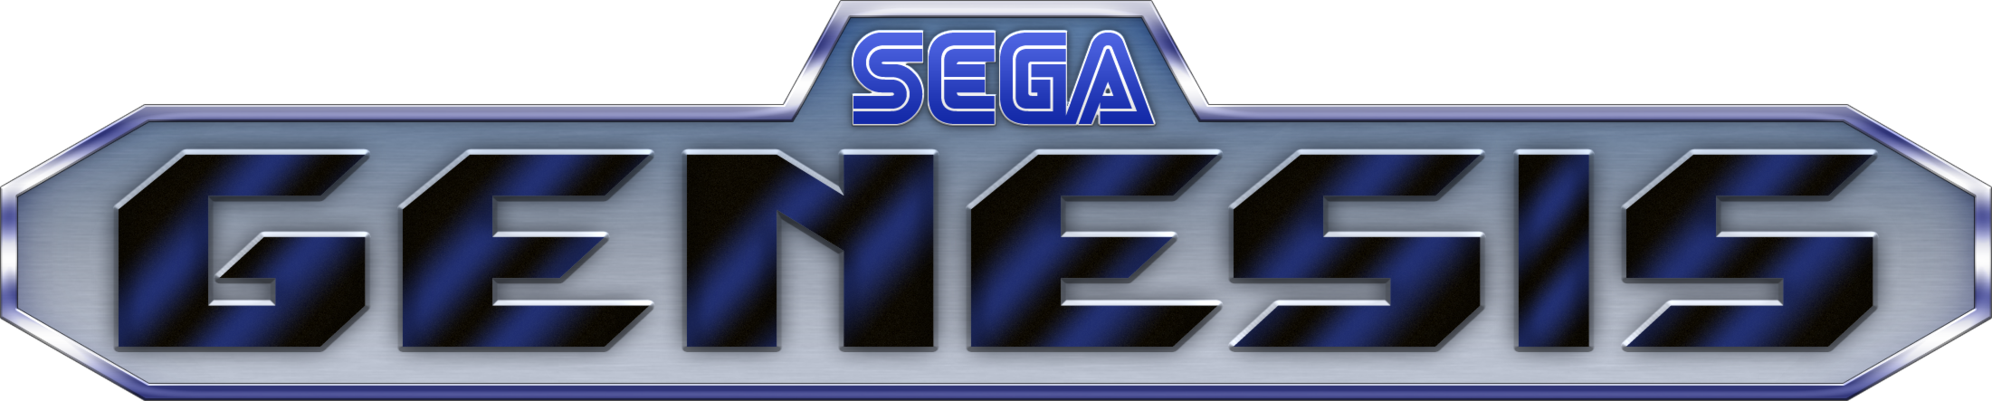 [50+] Sega Genesis Wallpaper on WallpaperSafari